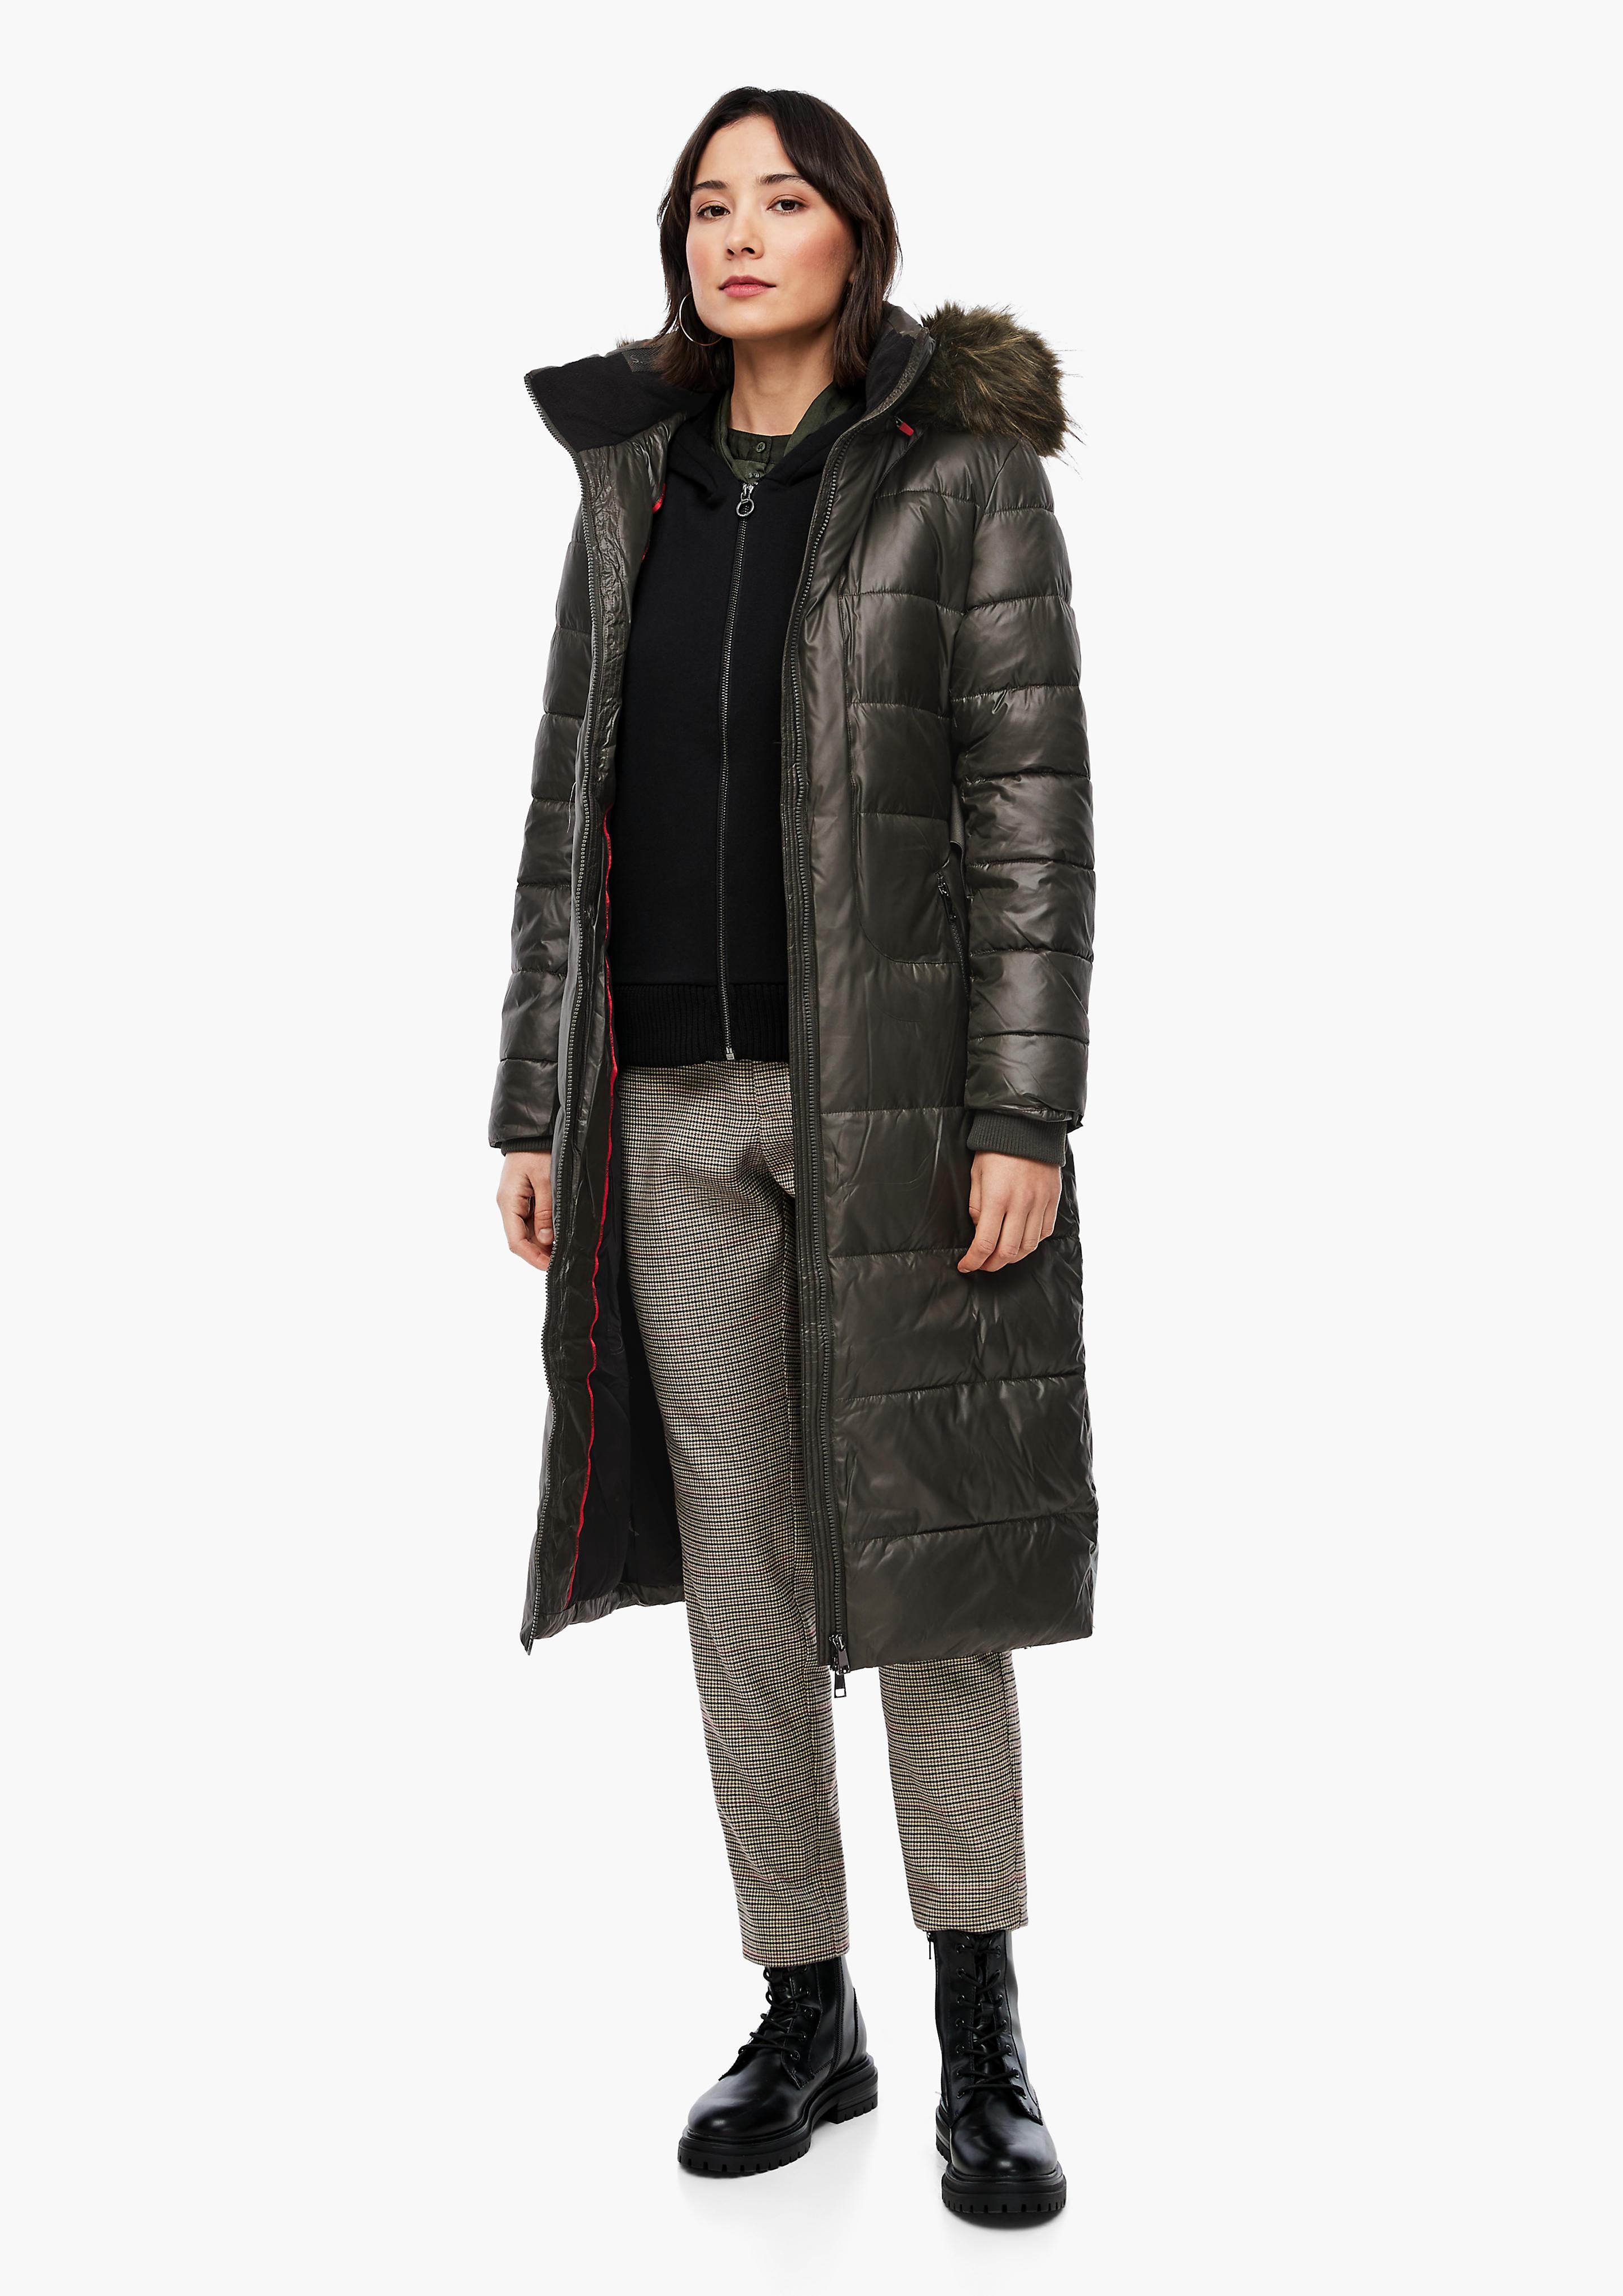 s.Oliver dámský zimní kabát 05.010.52.3609/7972 Zelená 40